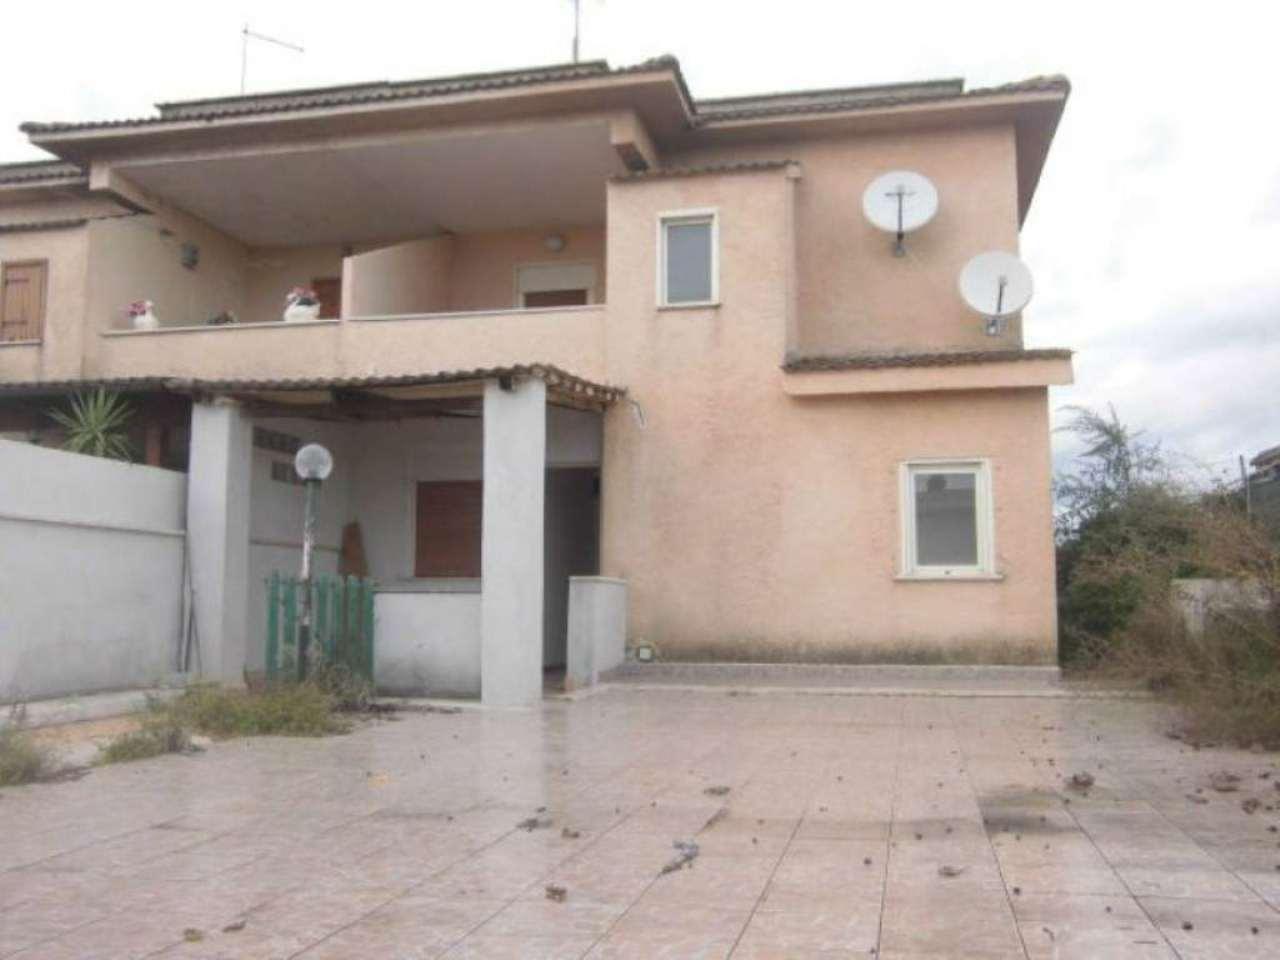 Villa Bifamiliare in vendita a Aprilia, 4 locali, prezzo € 109.000 | CambioCasa.it